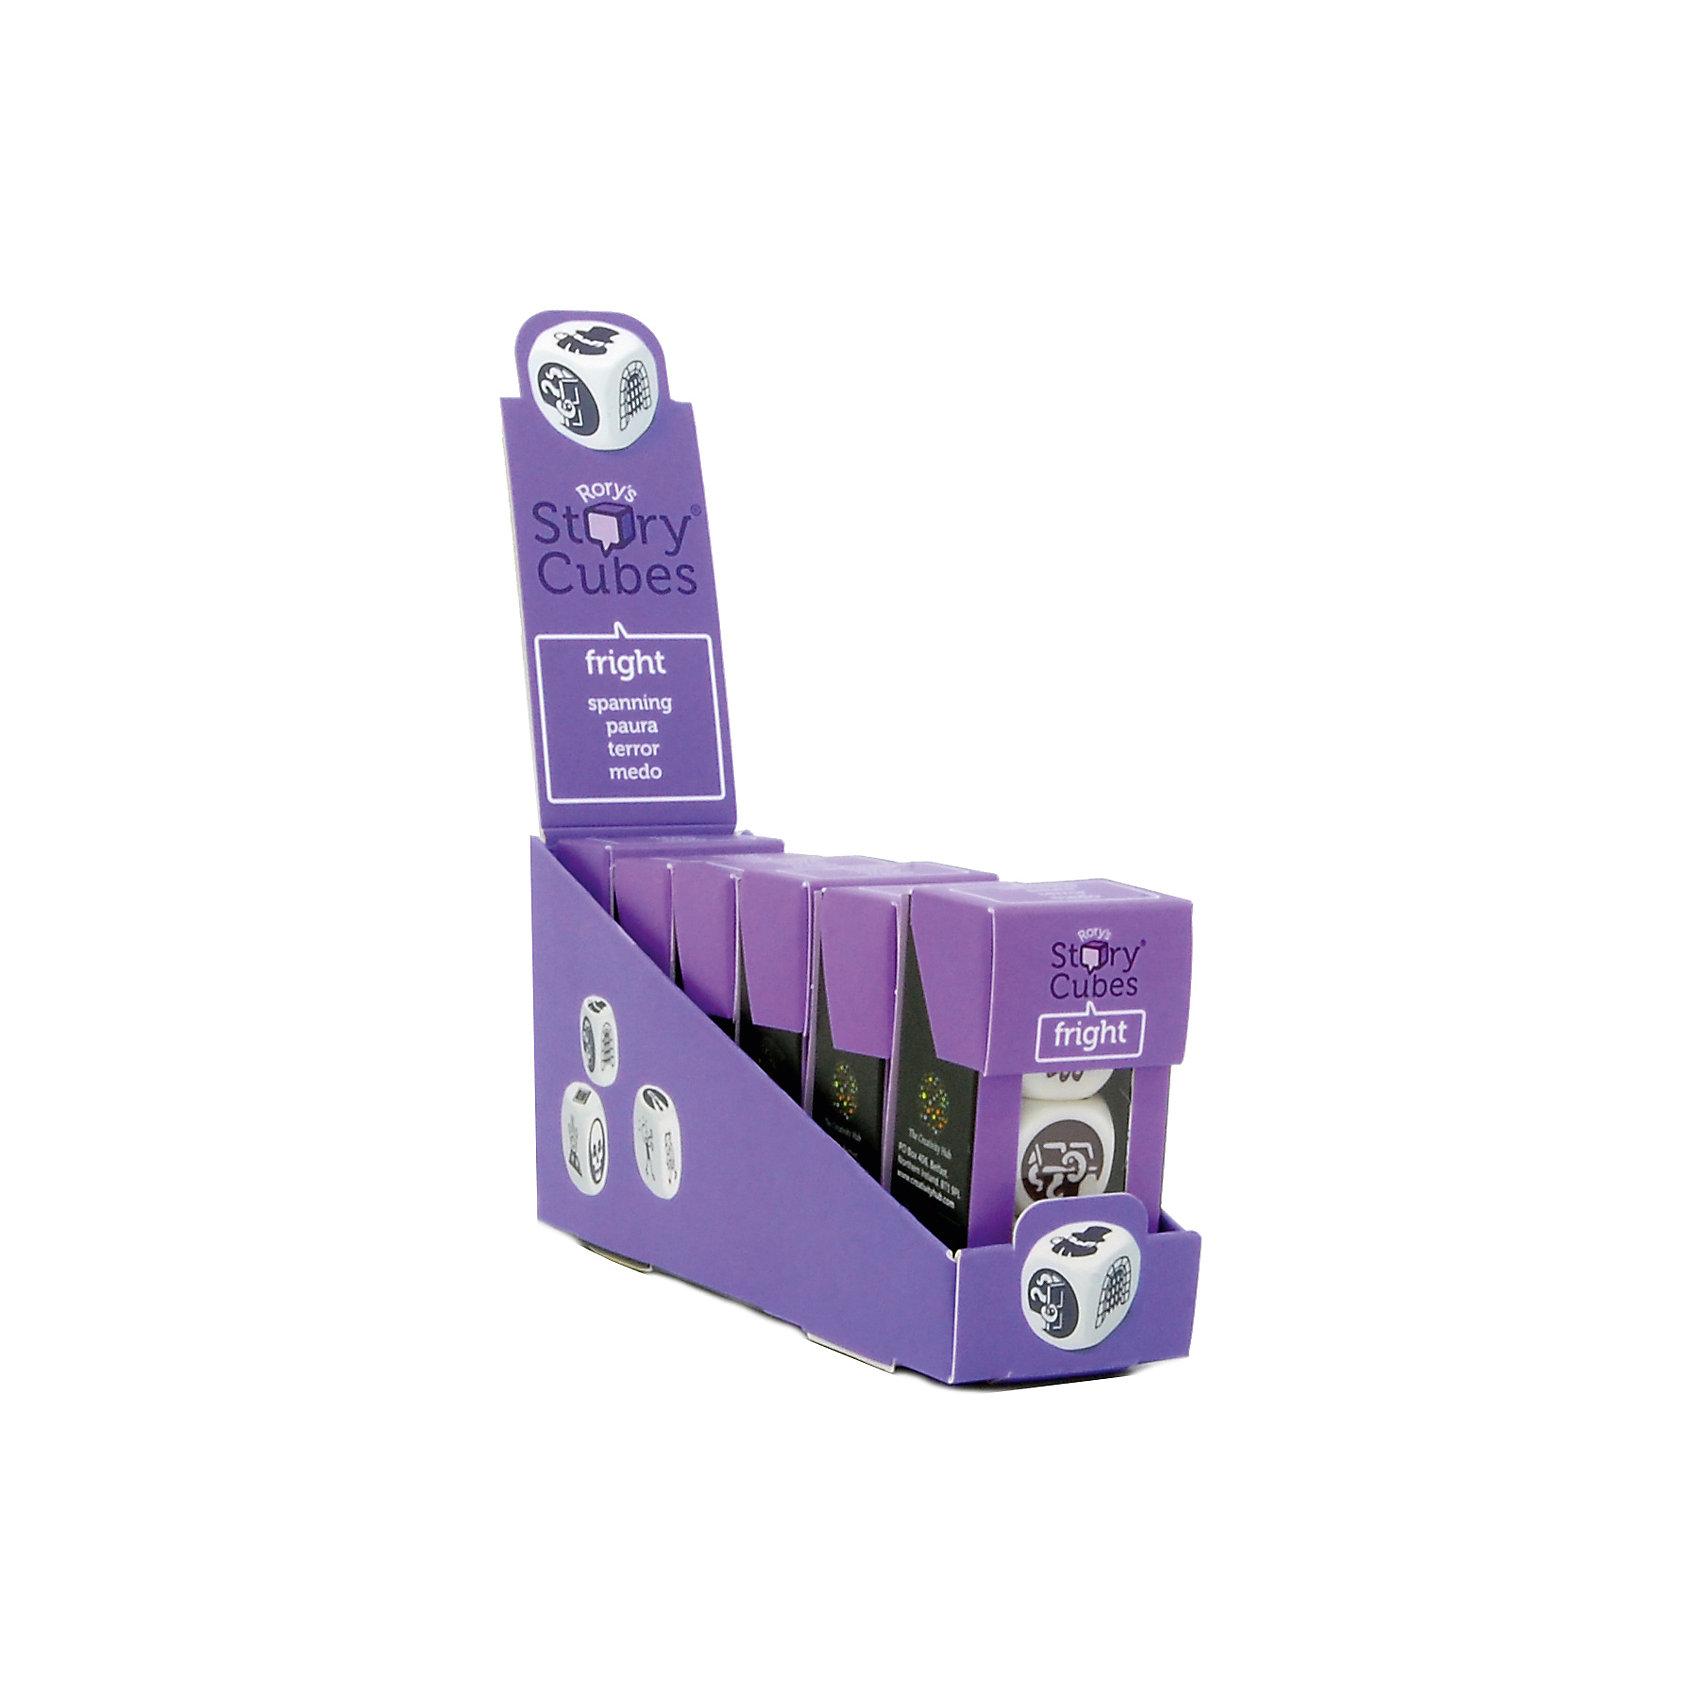 Настольная Игра Кубики Историй, доп. Набор Ужастики (3 кубика)Игры в дорогу<br>Характеристики:<br><br>• возраст: от 6 лет;<br>• сложность игры: средний уровень;<br>• материал: картон, пластик;<br>• количество игроков: 2-6;<br>• время игры: 30 мин.;<br>• вес упаковки: 40 г.;<br>• тип упаковки: цветная картонная коробка;<br>• размер упаковки: 3х3,5х7 см.<br>  <br>Дополнительные кубики с картинками на тему «Ужастики» сделают рассказывание историй еще более интересным.<br><br>3 кубика набора «Ужастики» нужно добавить в основной набор Кубиков Историй, убрав при этом 3 других кубика. Либо, можно собрать свой собственный набор из 9 кубиков, состоящий из 3 мини-наборов.<br><br>Кубики Историй помогают развитию речи, учат формулировать мысли и продумывать структуру рассказа.        <br> <br> В комплекте: <br>• 3 кубика;<br>• картонная коробочка-контейнер.      <br><br>Настольную игру «Кубики Историй. Дополнительный набор «Ужастики» (3 кубика)» можно приобрести в нашем интернет-магазине.<br><br>Ширина мм: 35<br>Глубина мм: 30<br>Высота мм: 75<br>Вес г: 50<br>Возраст от месяцев: 84<br>Возраст до месяцев: 2147483647<br>Пол: Унисекс<br>Возраст: Детский<br>SKU: 7029014